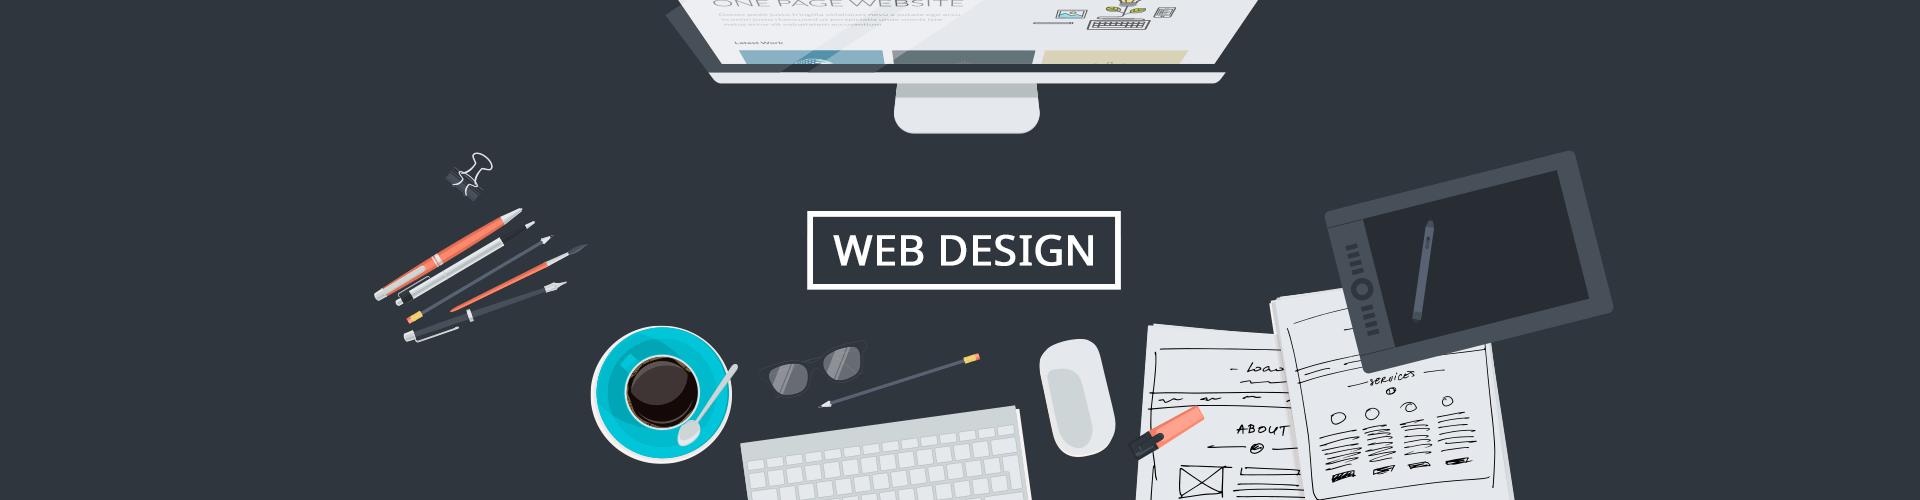 Creative Web Design Ideas